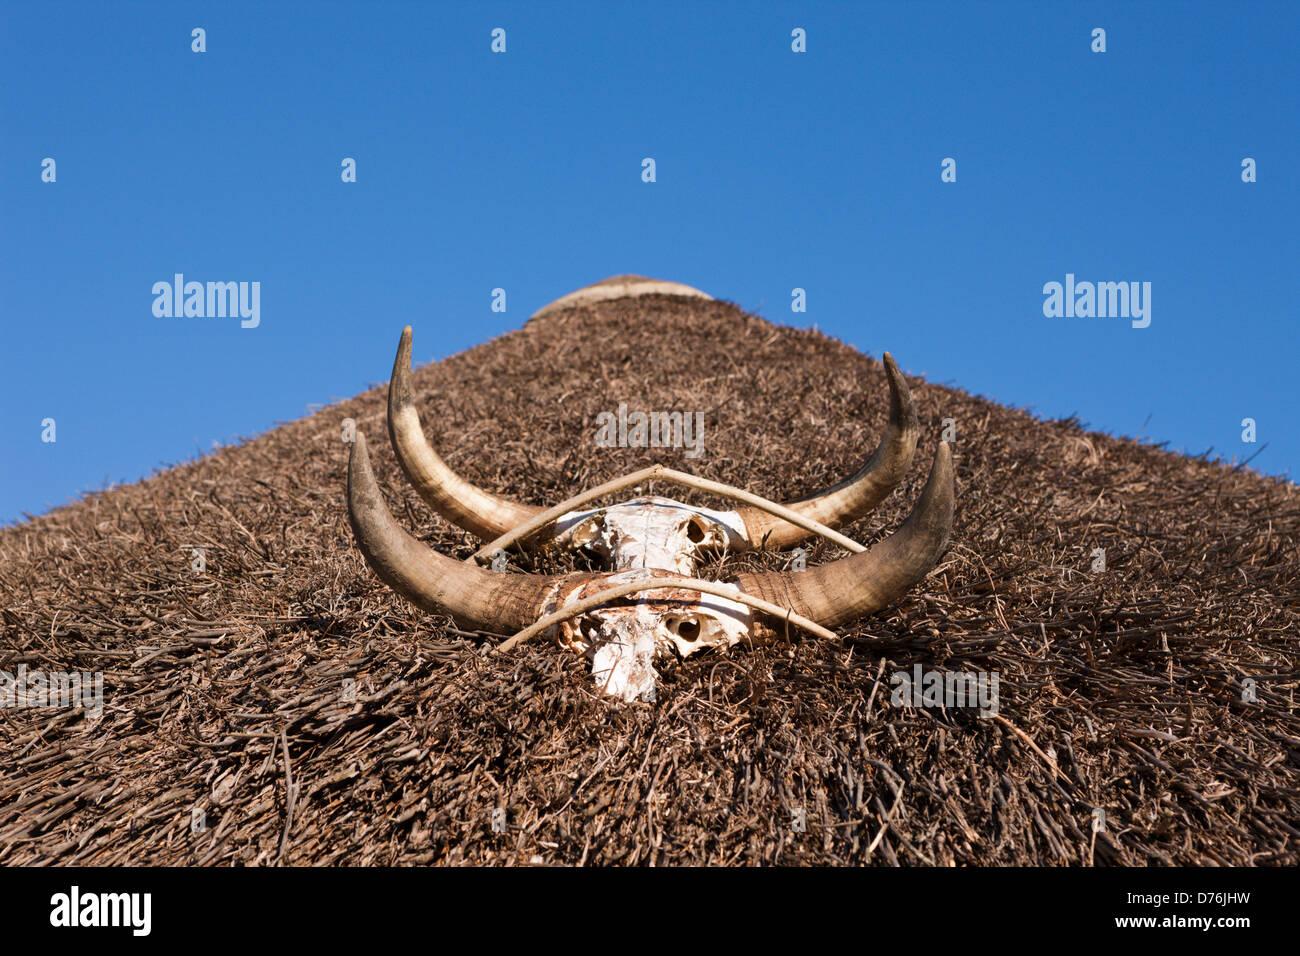 Tetto della capanna in Xhosa Village, Costa Selvaggia, cappuccio Orientale, Sud Africa Immagini Stock